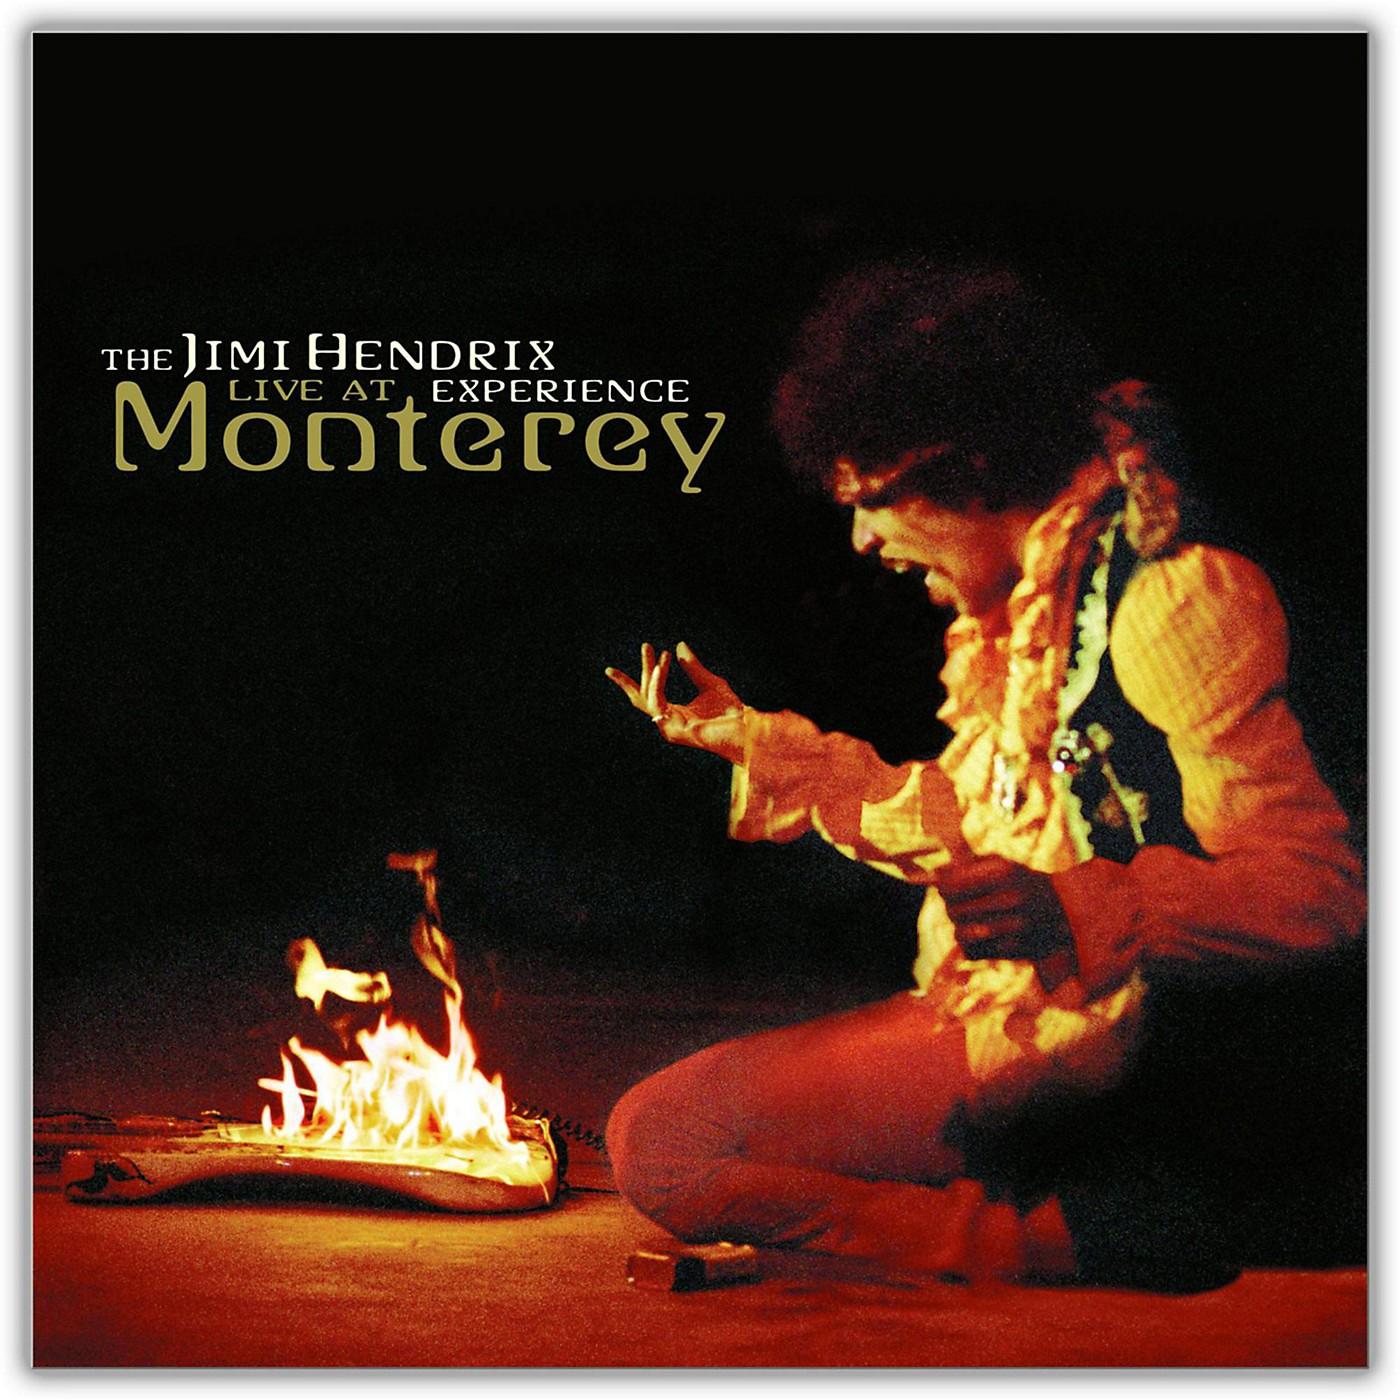 Sony Jimi Hendrix - Live at Monterey Vinyl LP thumbnail